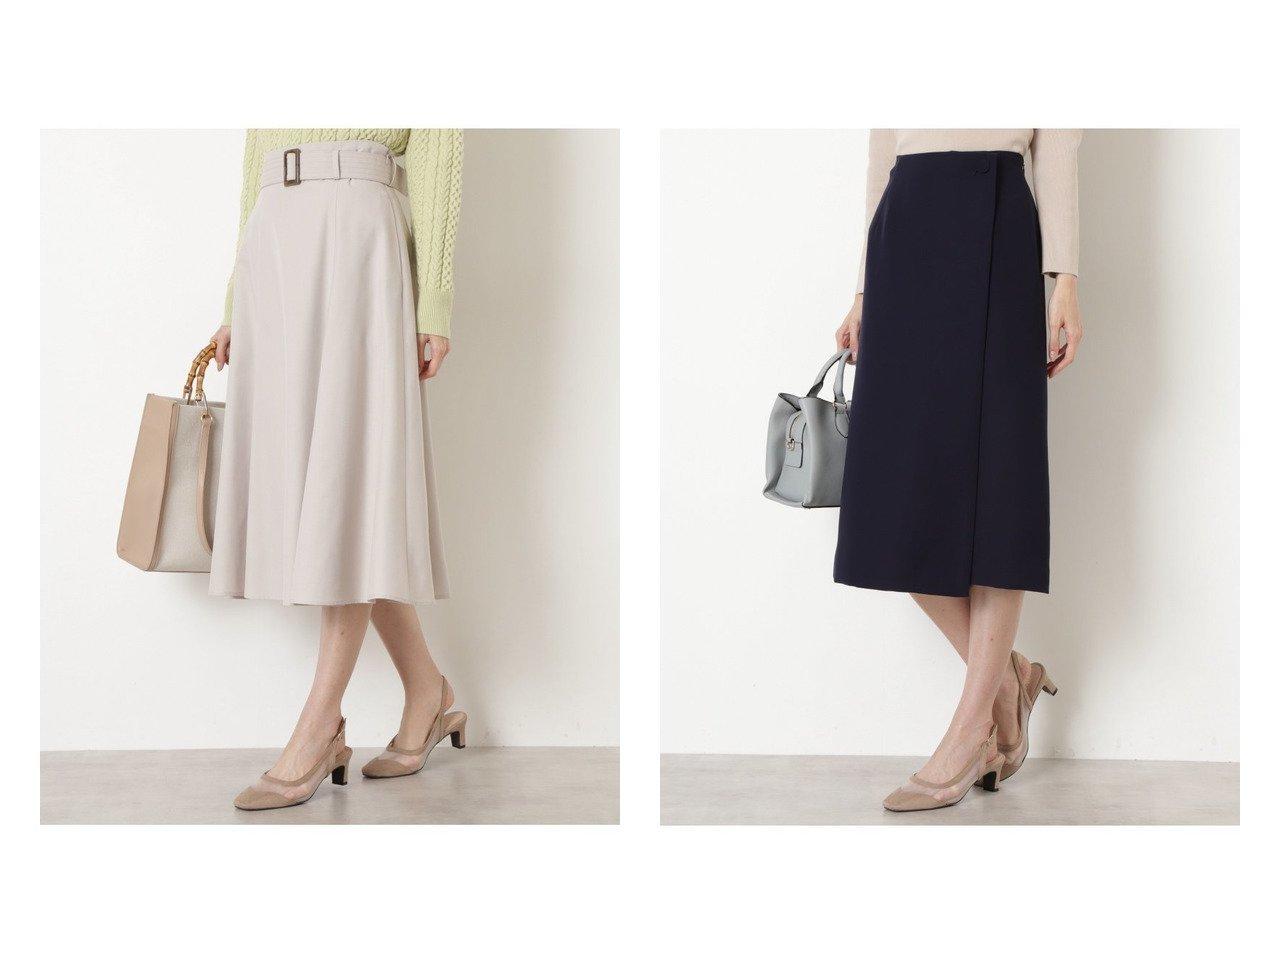 【NATURAL BEAUTY BASIC/ナチュラル ビューティー ベーシック】のバックルベルトフレアスカート&ラップ風ストレートスカート NATURAL BEAUTY BASICのおすすめ!人気、トレンド・レディースファッションの通販  おすすめで人気の流行・トレンド、ファッションの通販商品 メンズファッション・キッズファッション・インテリア・家具・レディースファッション・服の通販 founy(ファニー) https://founy.com/ ファッション Fashion レディースファッション WOMEN スカート Skirt Aライン/フレアスカート Flared A-Line Skirts バッグ Bag ベルト Belts NEW・新作・新着・新入荷 New Arrivals フレア 春 Spring シンプル ストレッチ ストレート ラップ |ID:crp329100000019324